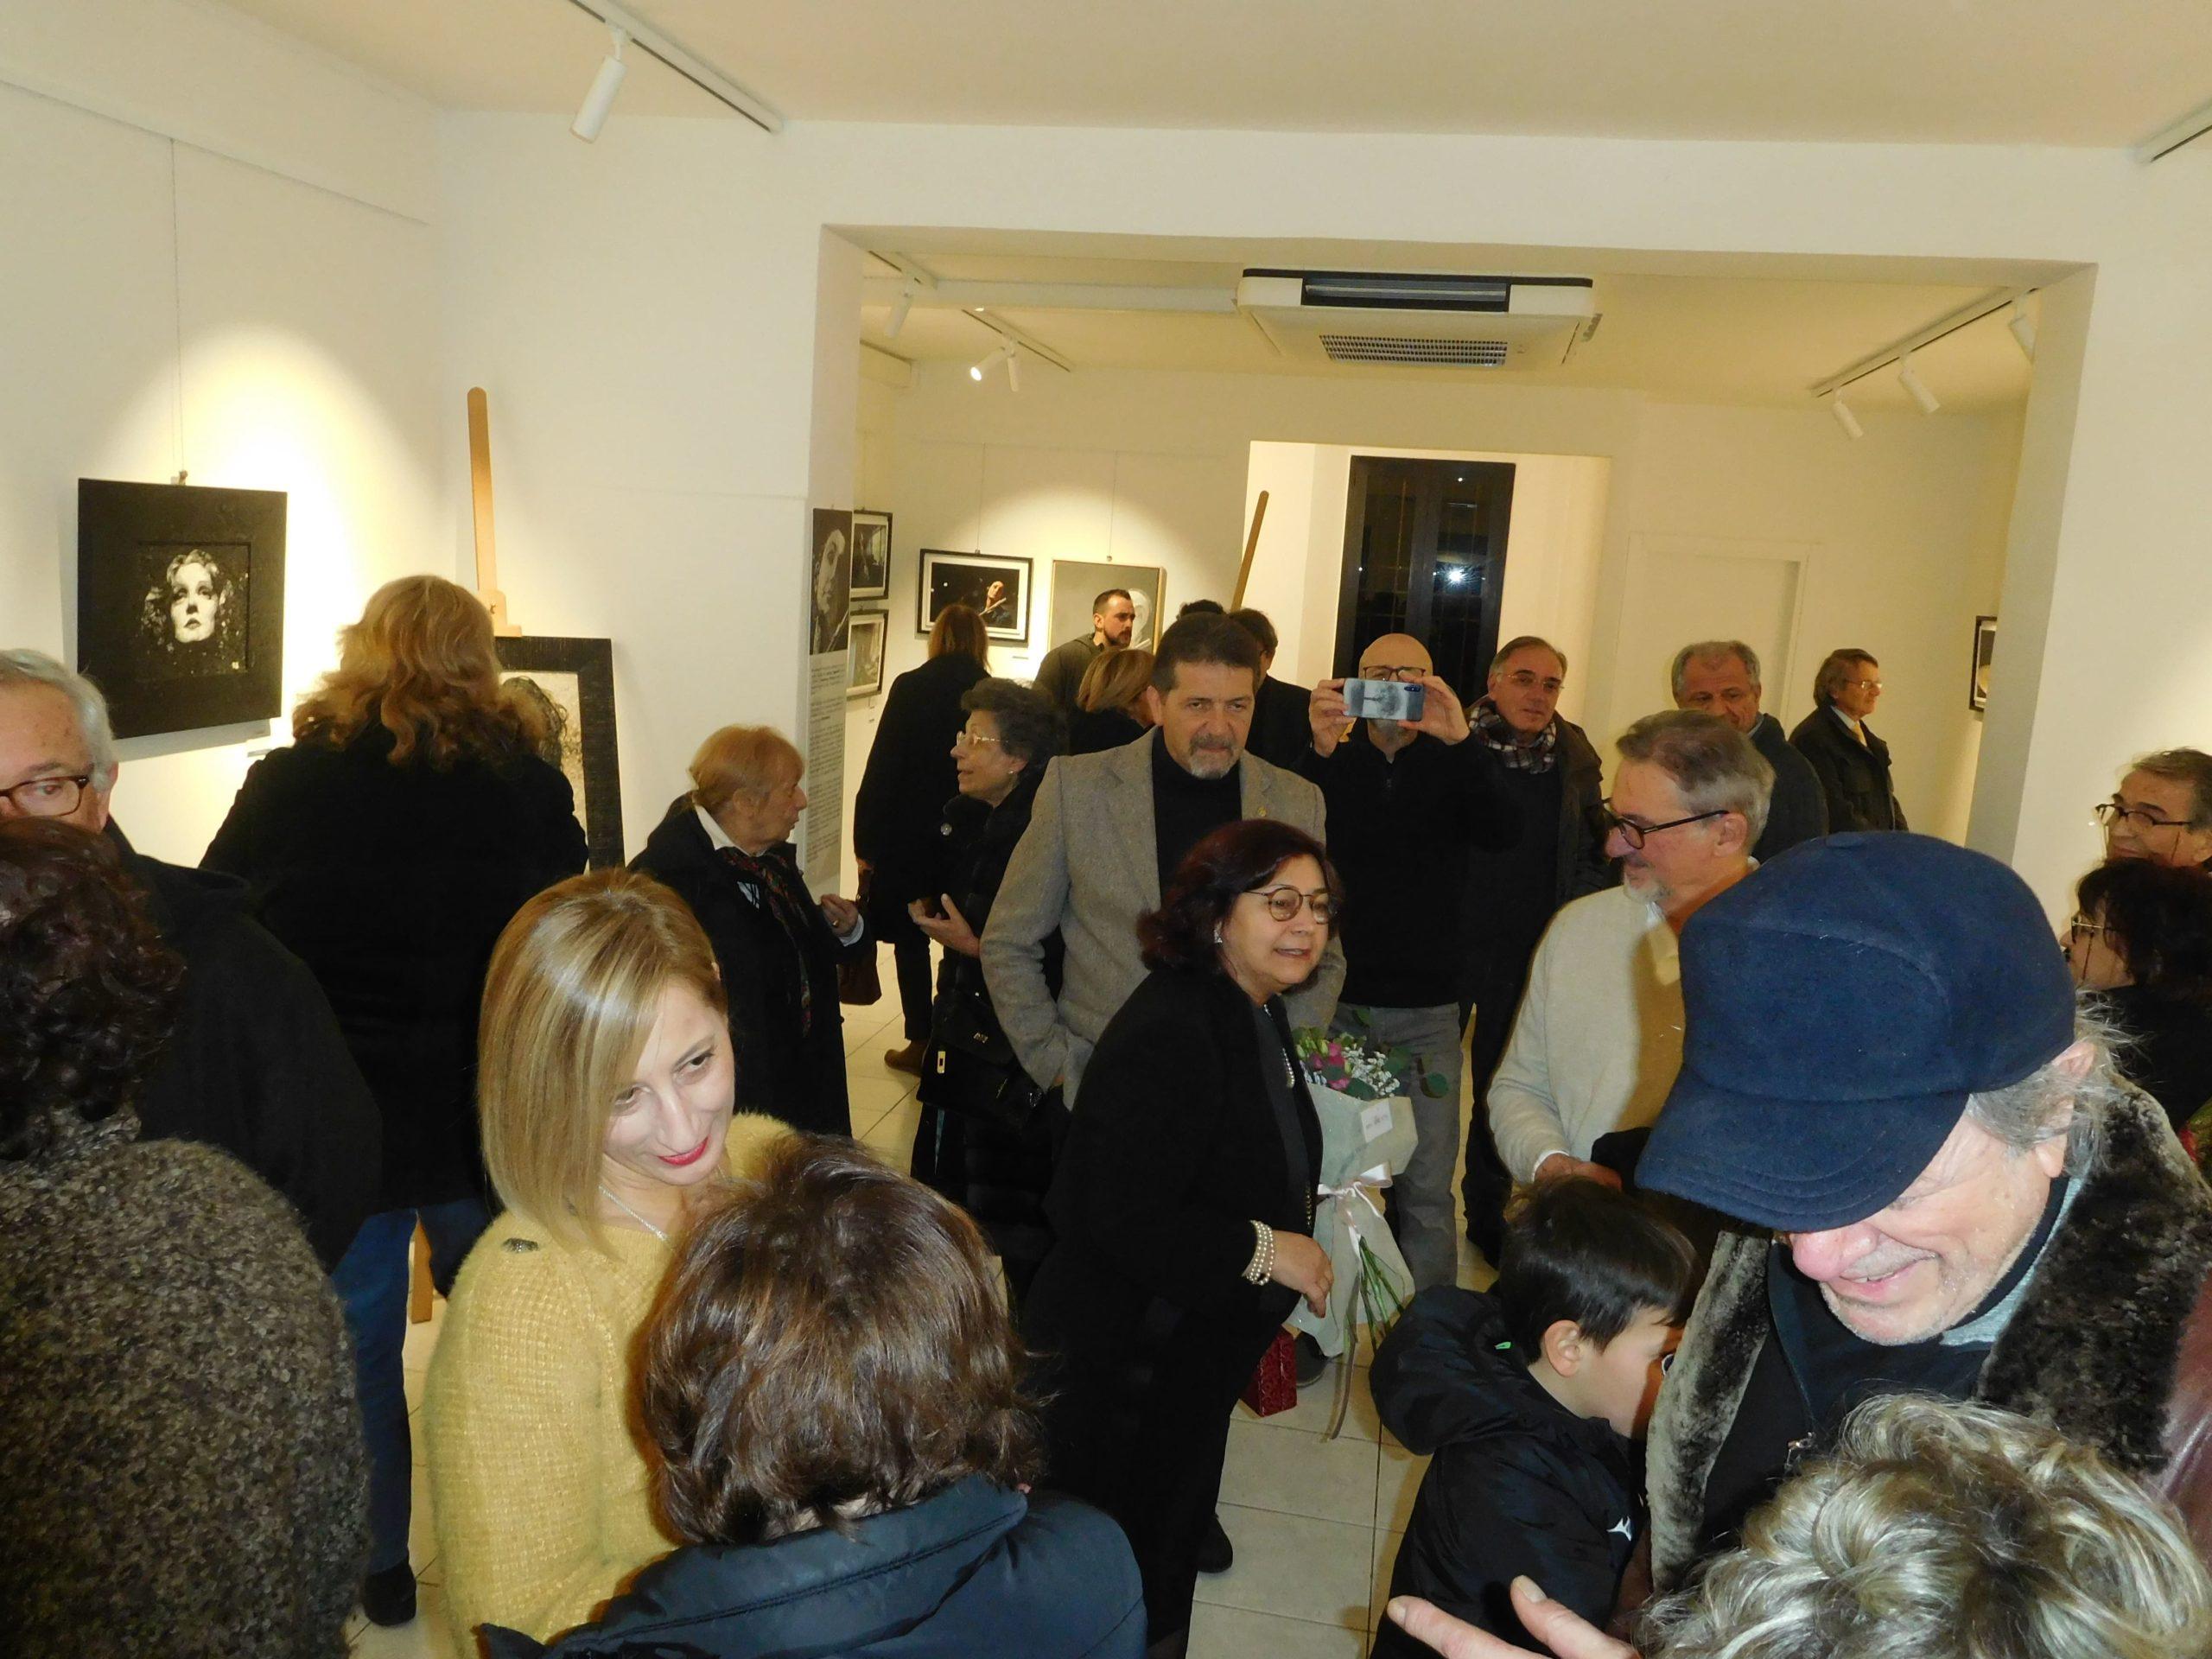 Espressioni | Pallavicini22 spazio espositivo Ravenna